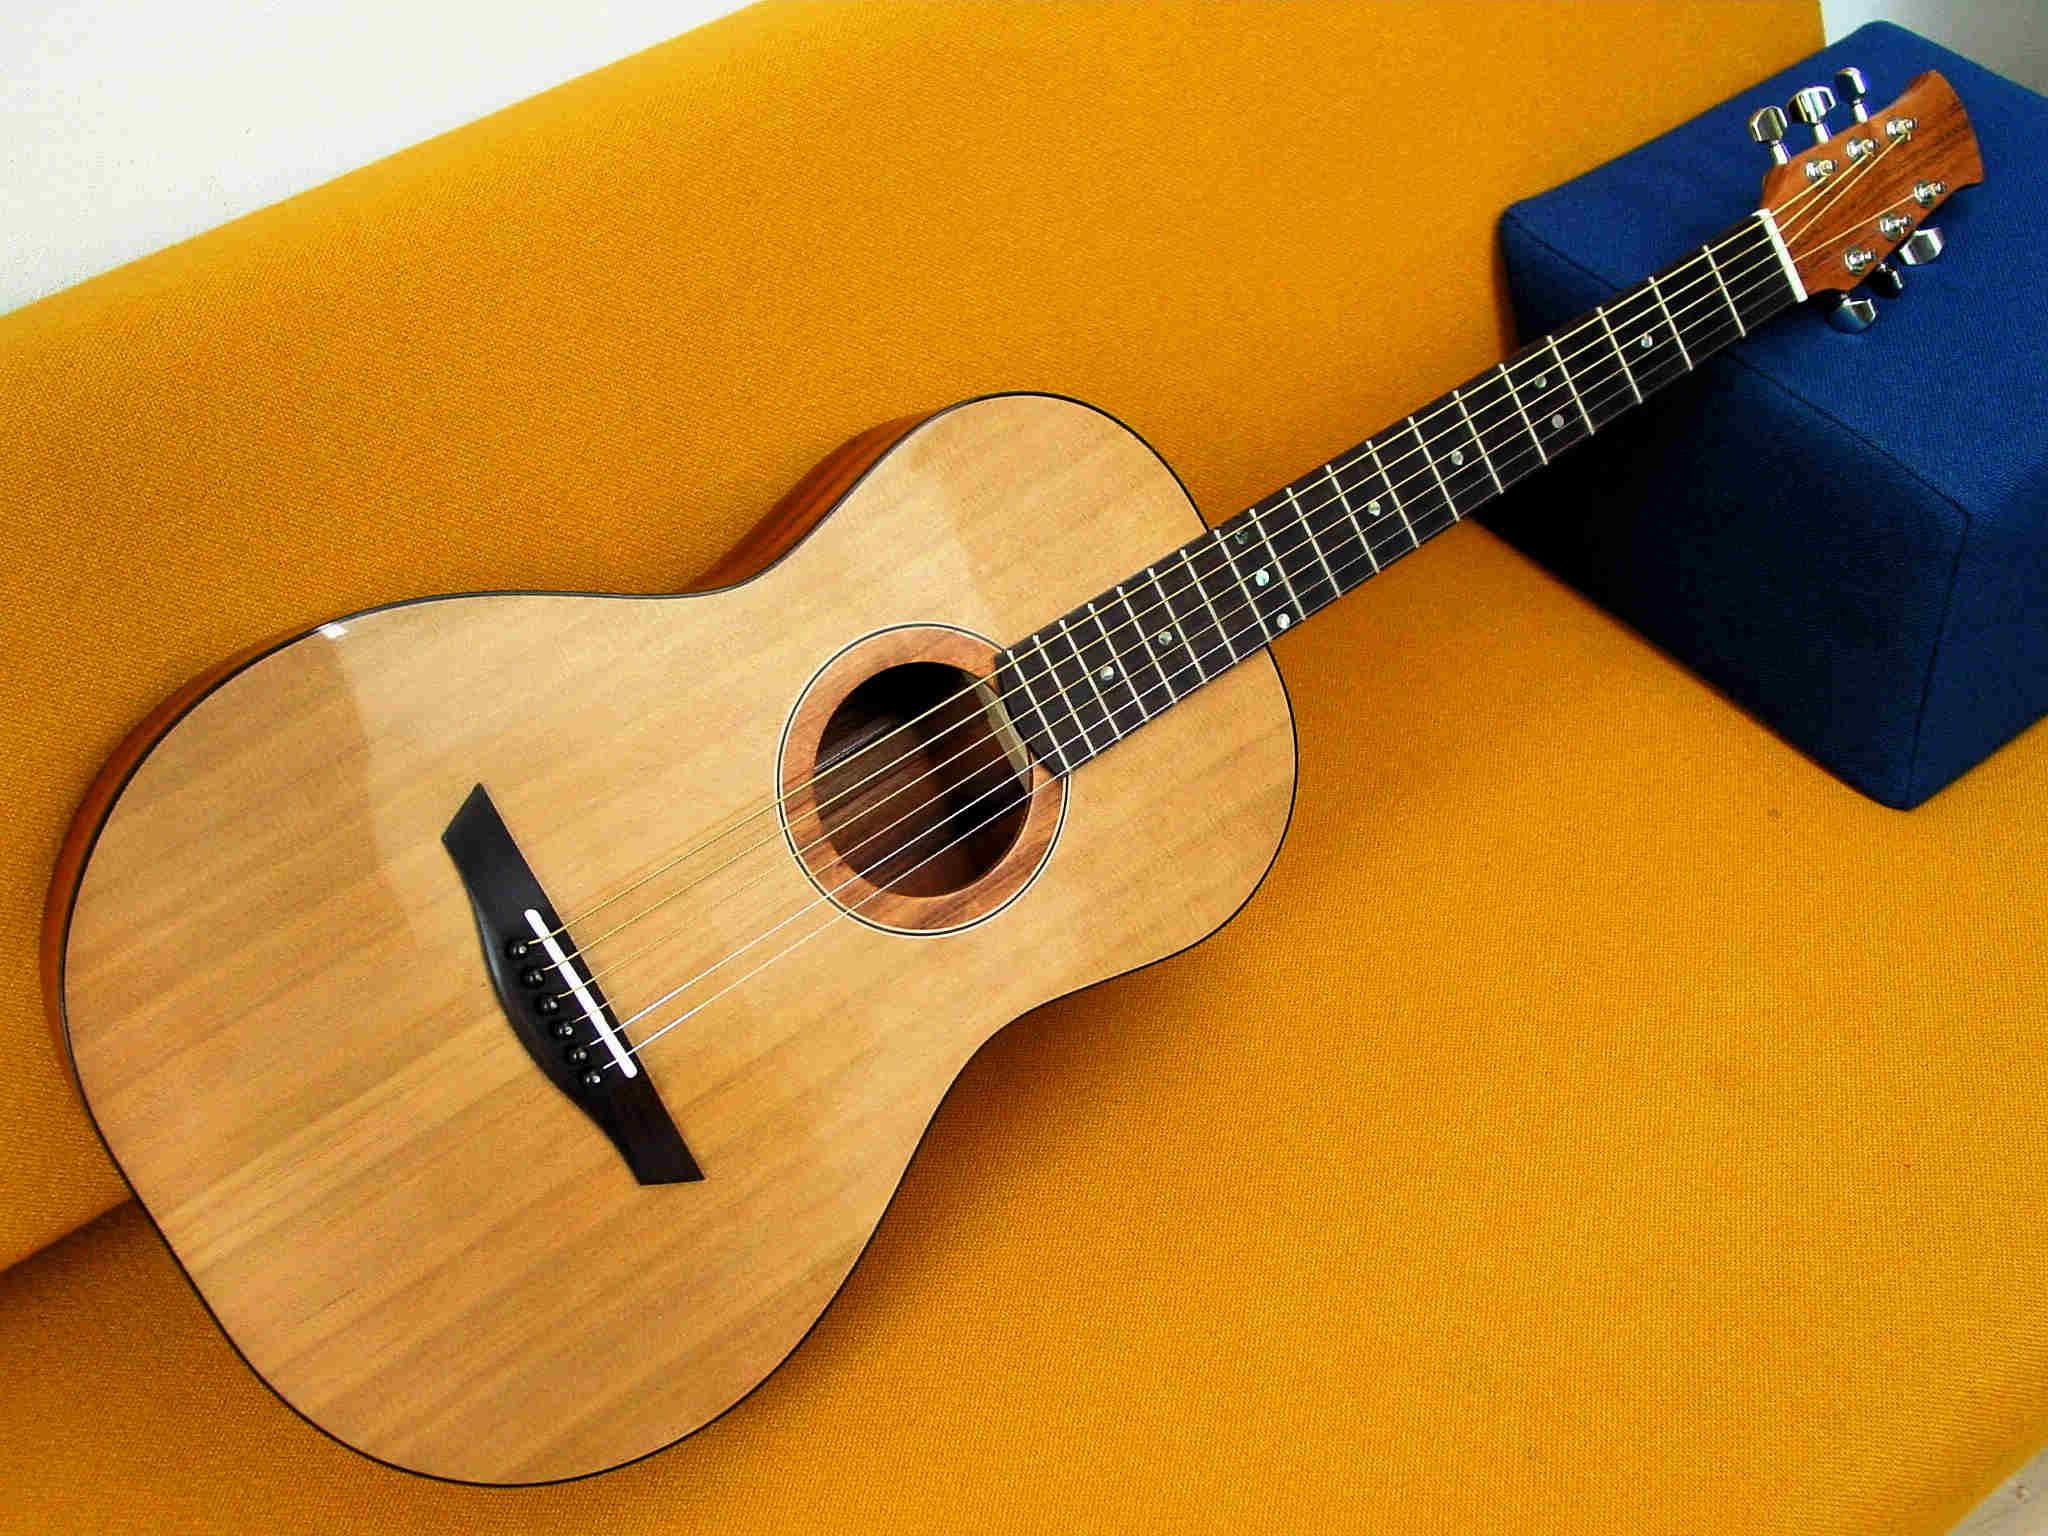 parlour guitar #4